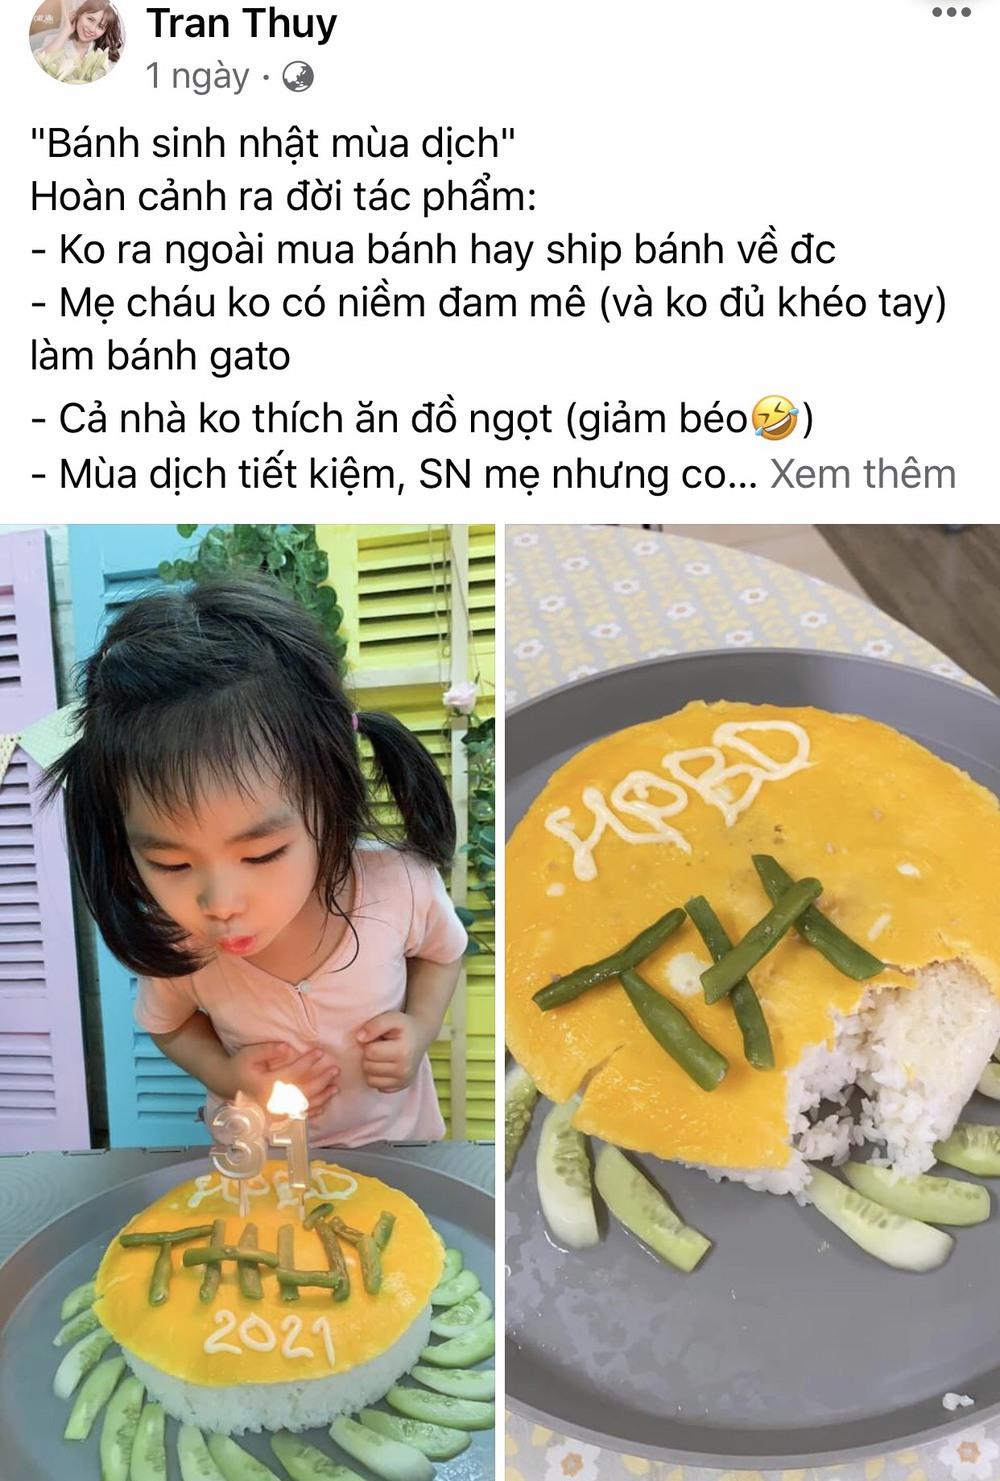 Con gái khóc thét khi nhìn thấy bánh sinh nhật mùa Covid mẹ và chị làm tặng, bố đảm đang ra tay trợ giúp  - Ảnh 7.